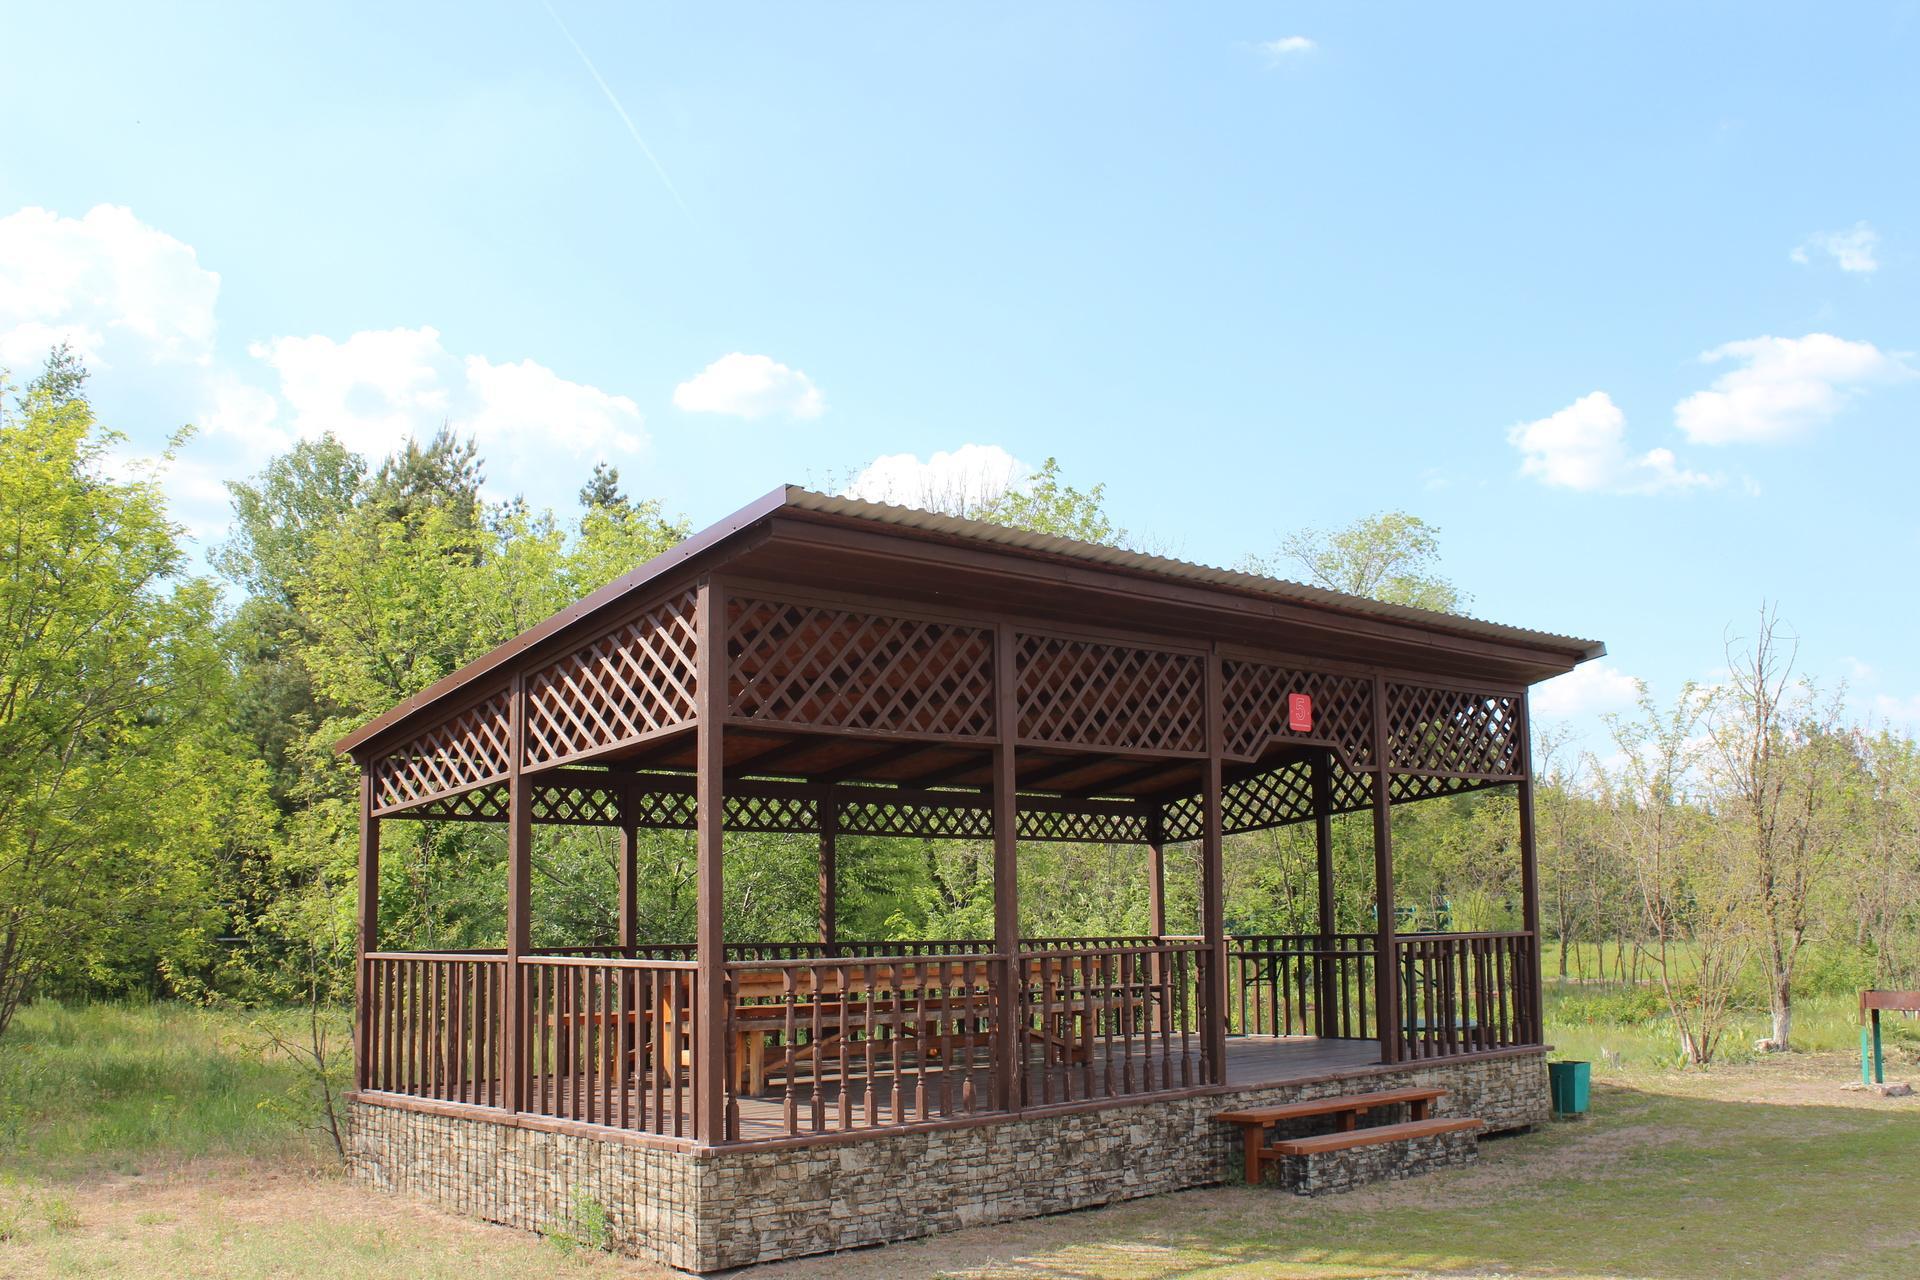 До 20 человек — одна бревенчатая и одна резная беседка площадью 3х8 метров каждая, мангалы расположены рядом со строениями